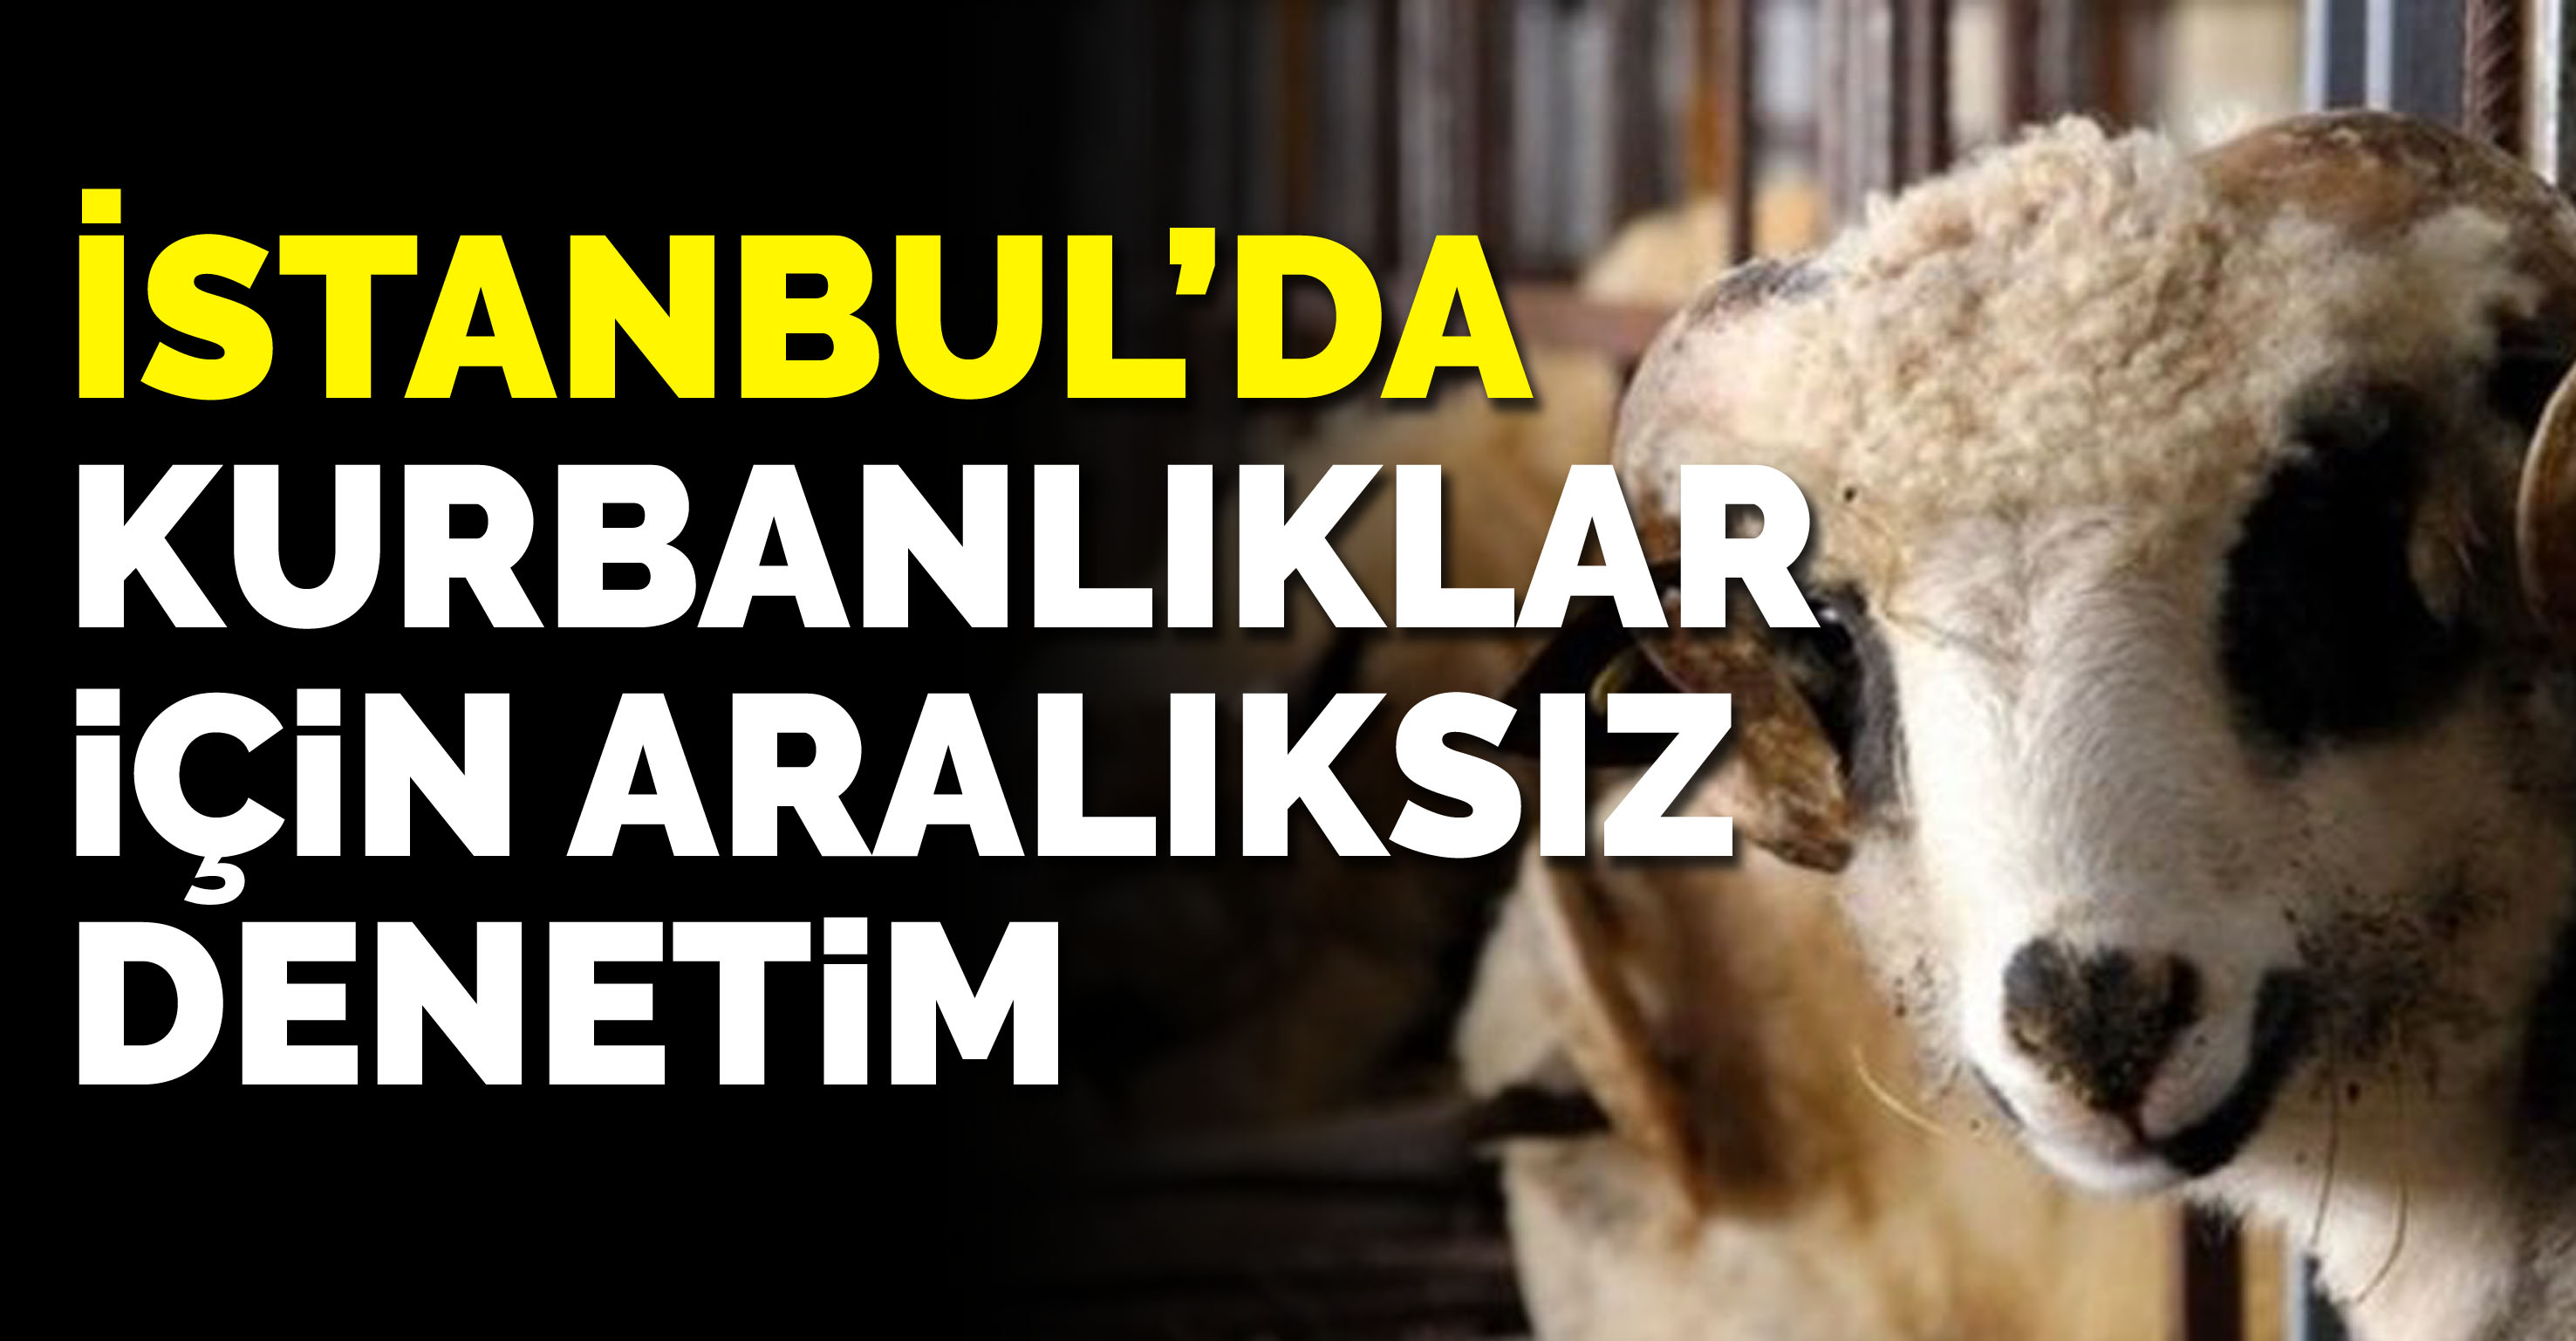 İstanbul'da anadolu'dan getirilen kurbanlıklar için aralıksız denetim